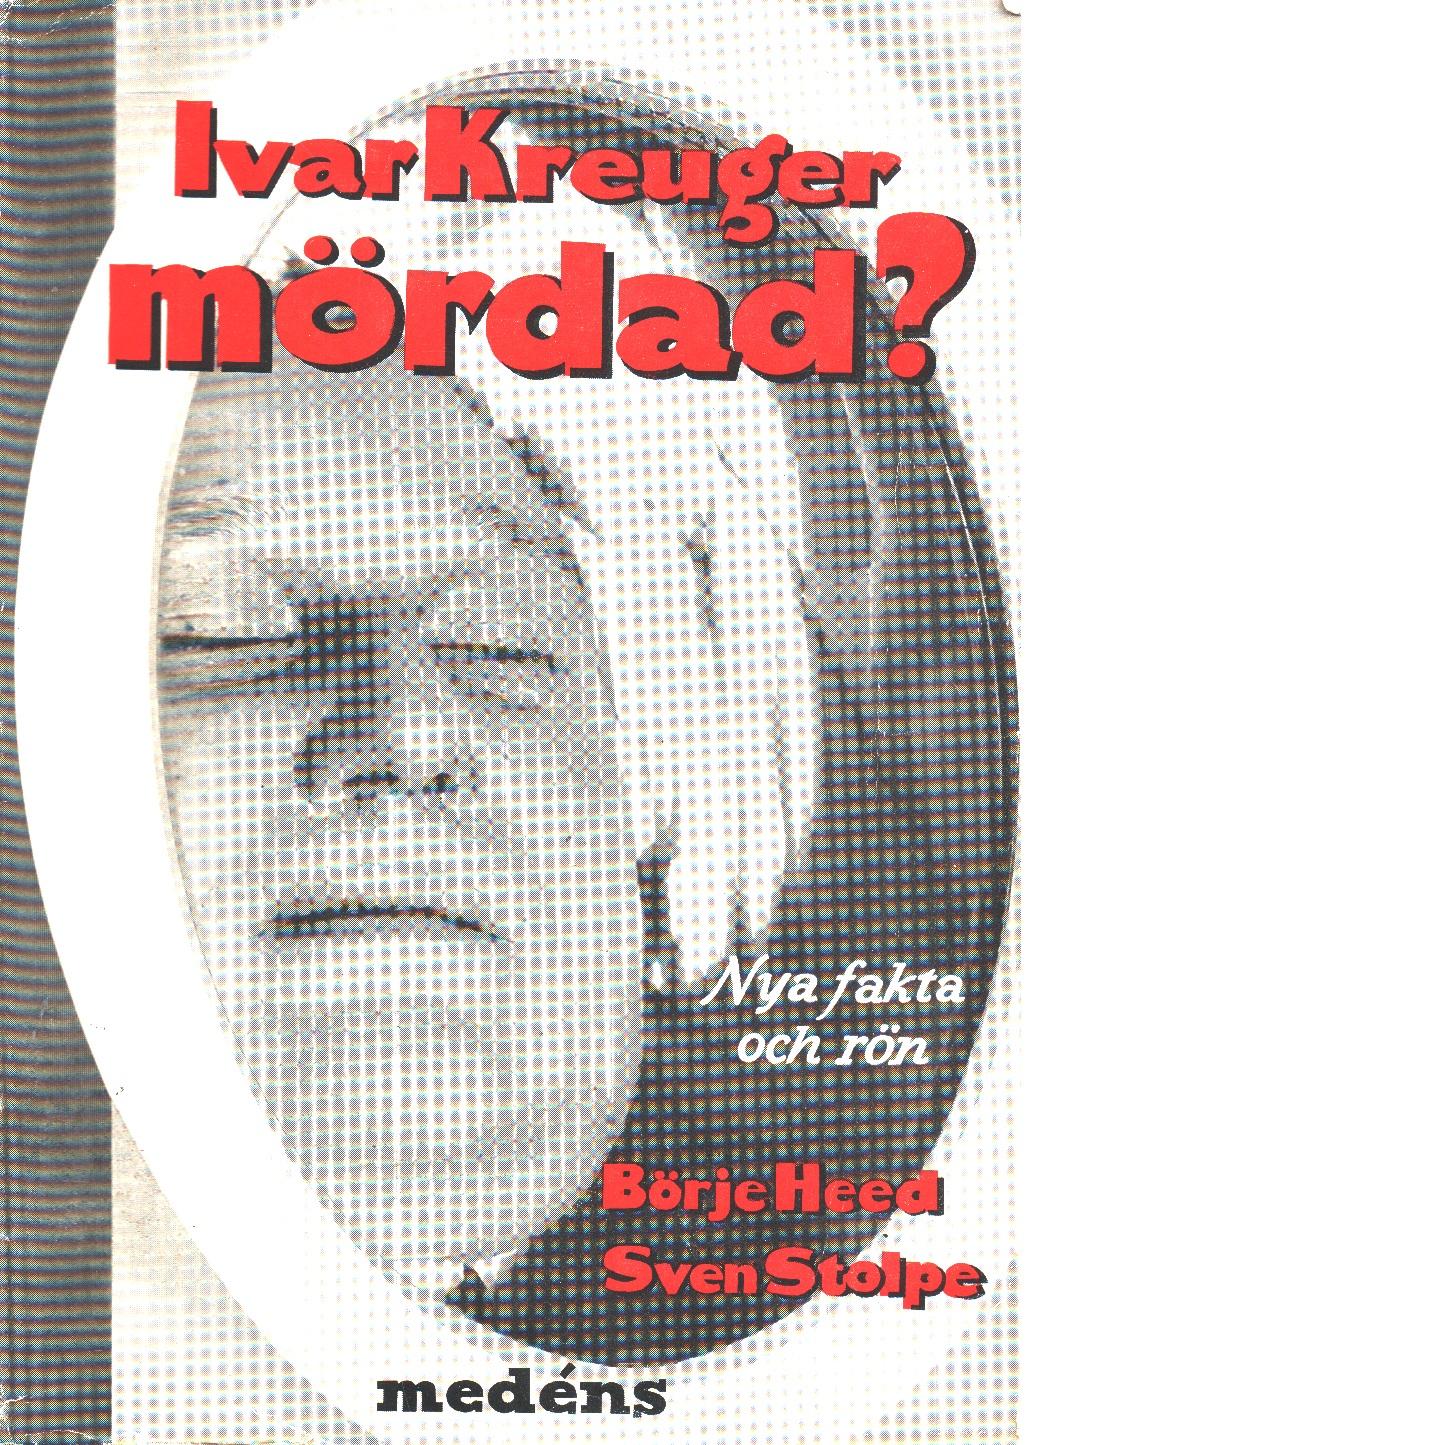 Ivar kreuger mördad? : nya fakta och rön - Heed, Börje Och Stolpe, Sven